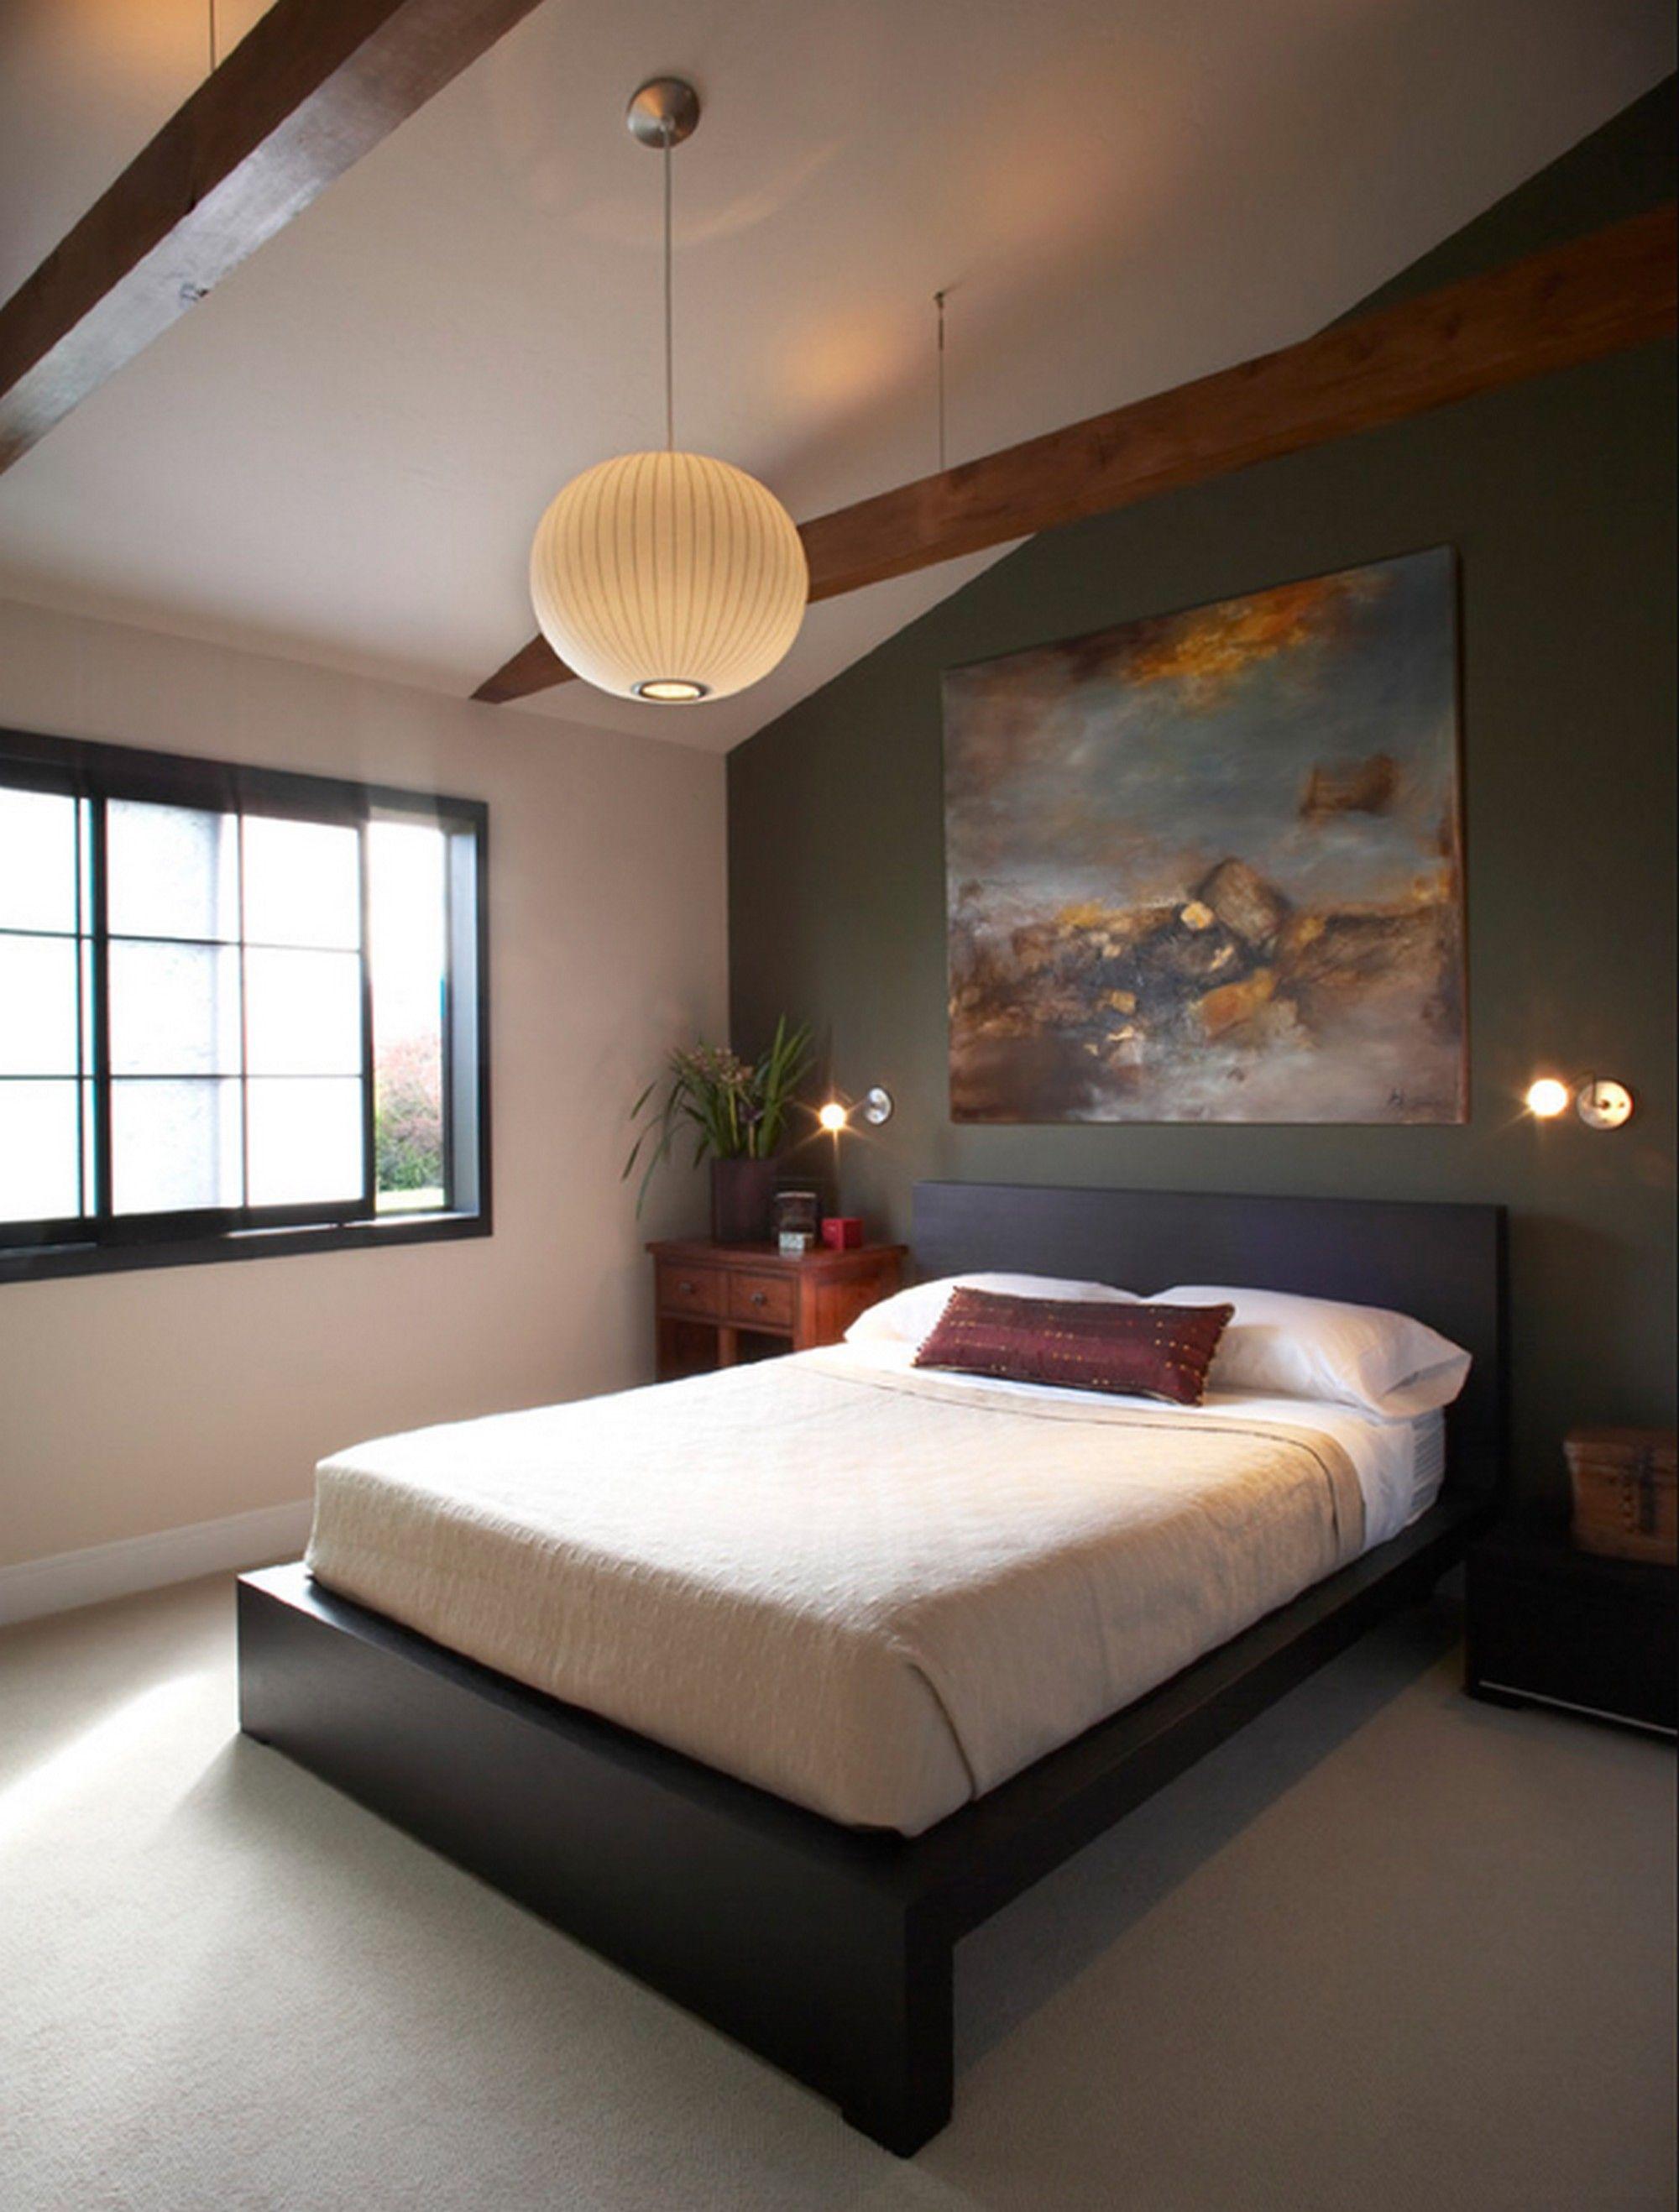 Furniture Woven Ball Pendant Light Asian inspired